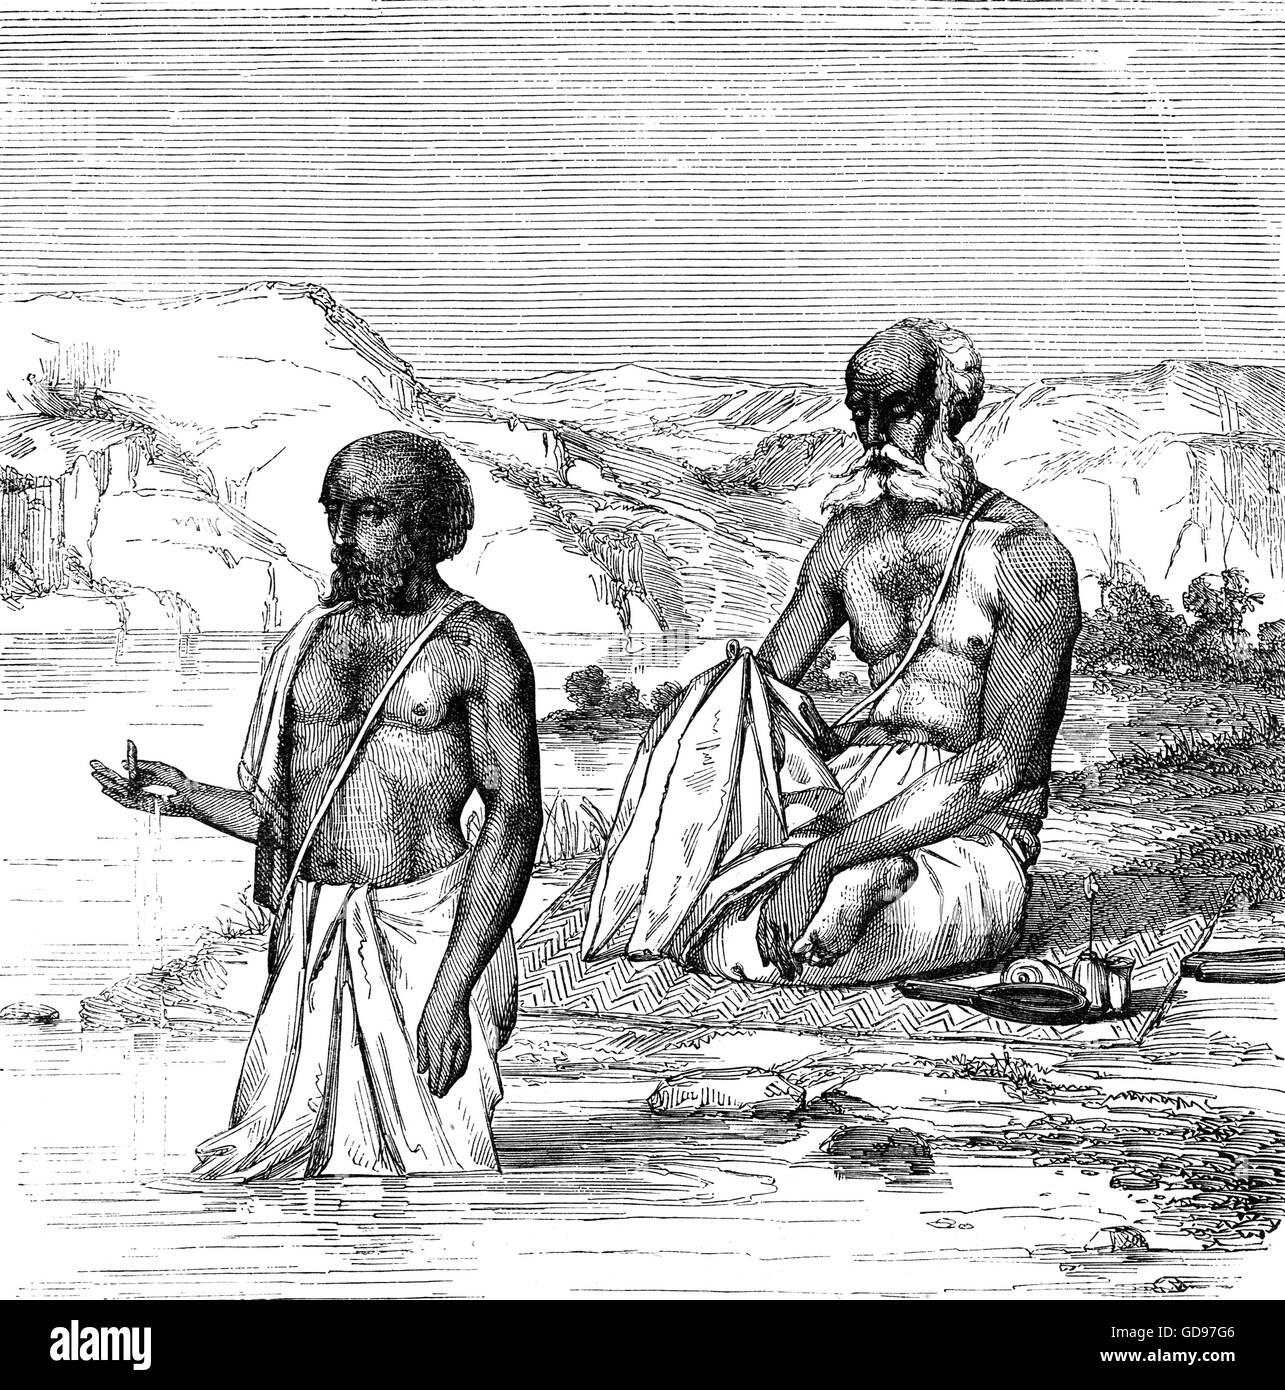 Brahmanen, ein Varna (Kaste) im Hinduismus im Gottesdienst. Sie als Priester, Lehrer (Acharya) und Beschützer Stockbild